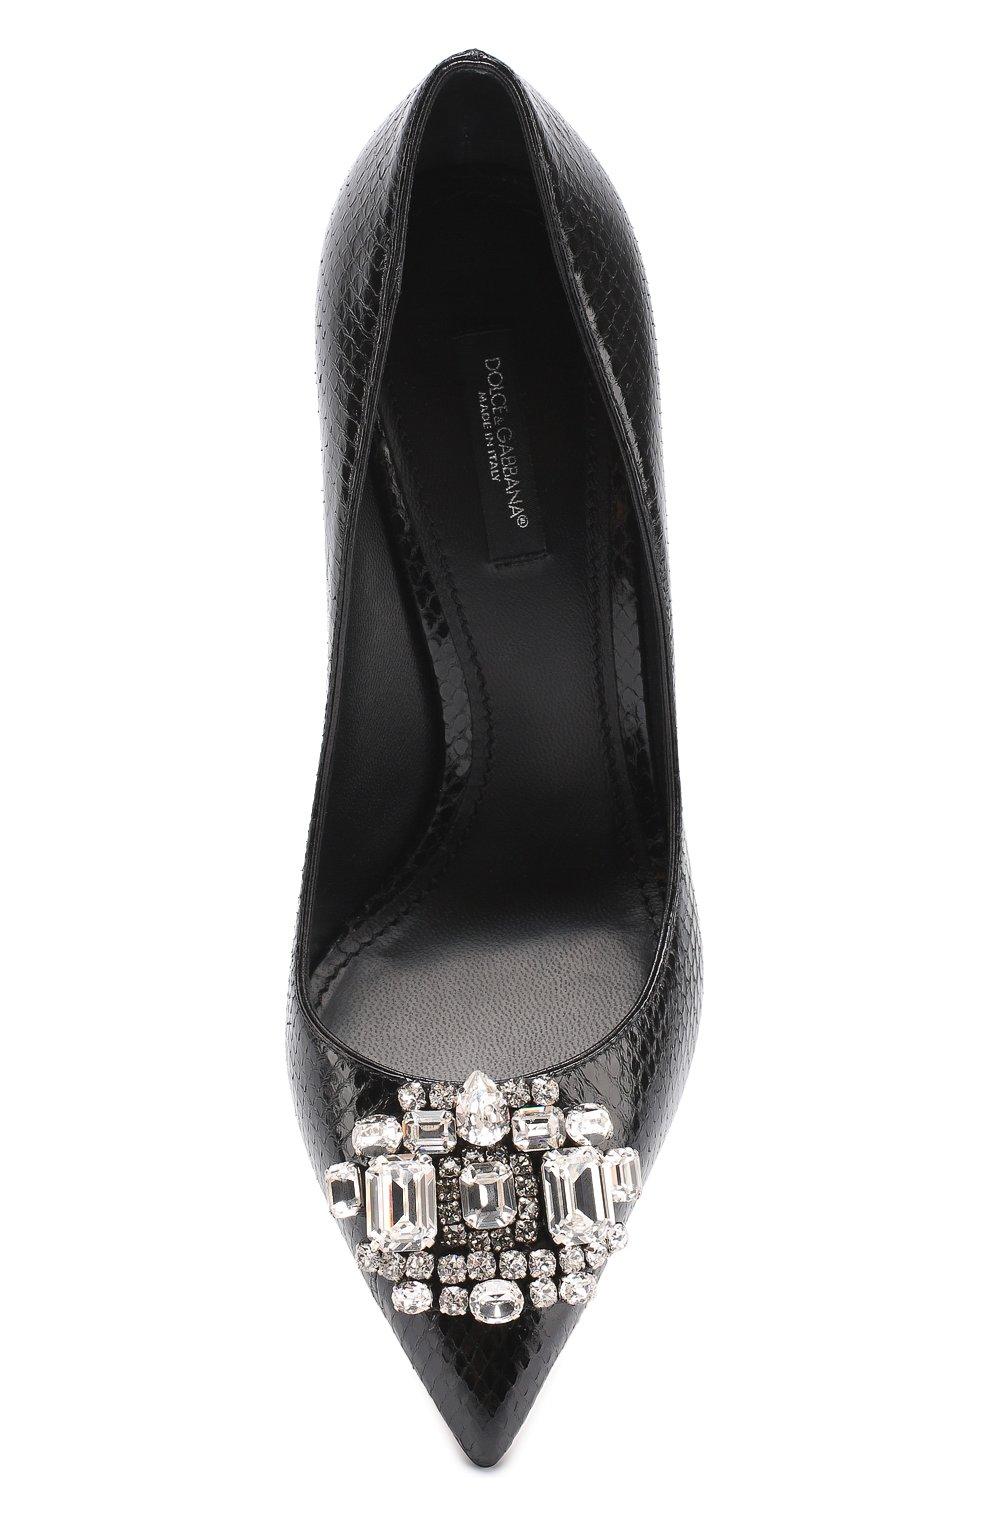 Кожаные туфли Bellucci с тиснением и брошью Dolce & Gabbana черные   Фото №5